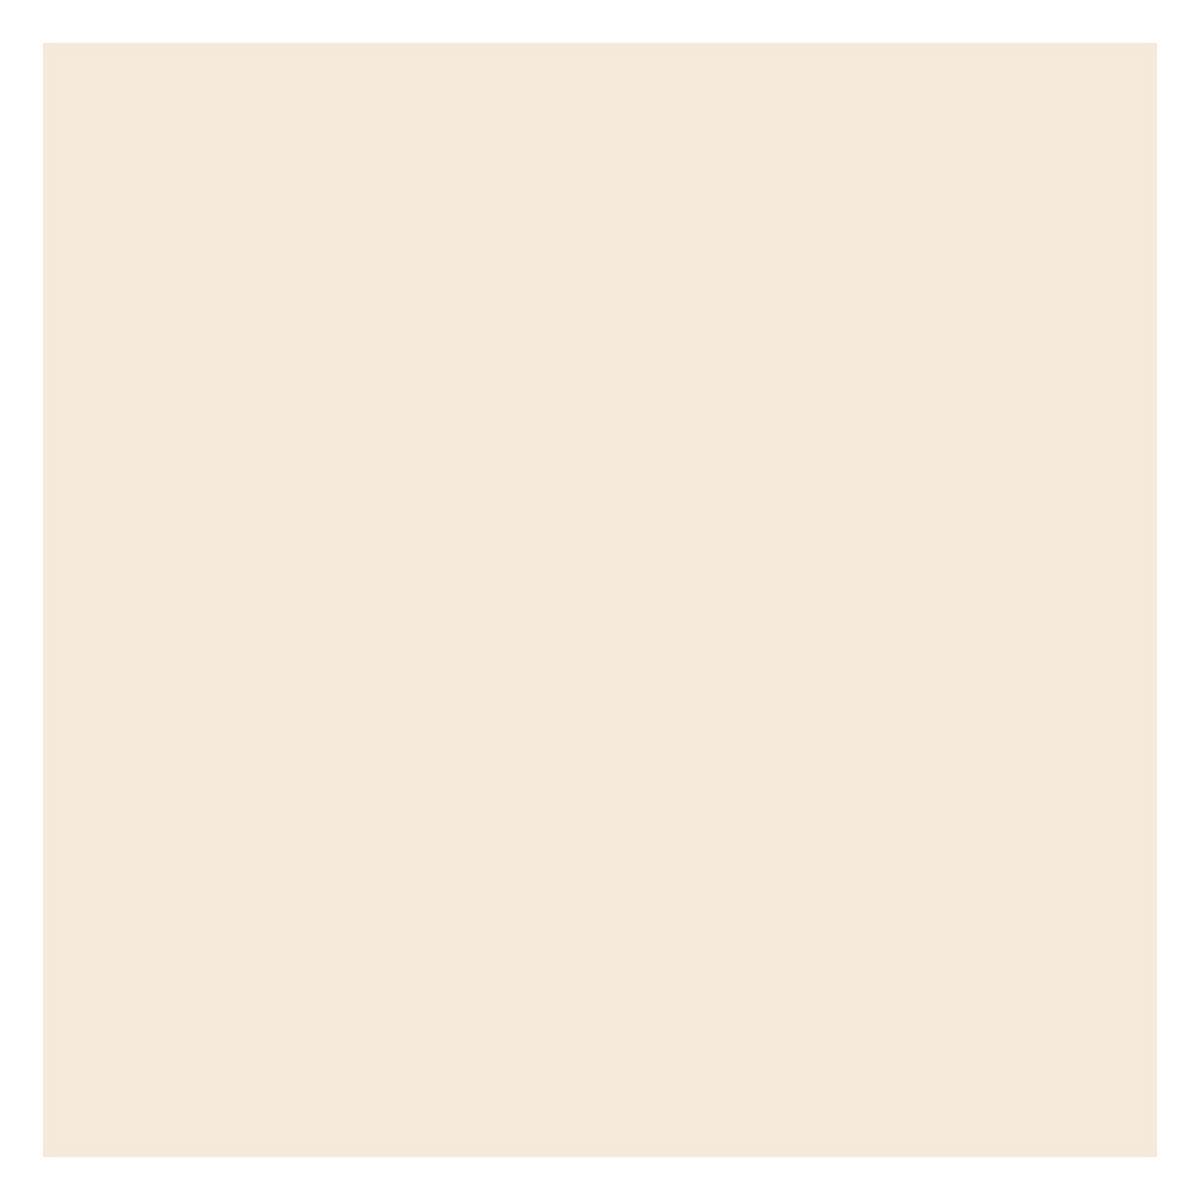 Porcelanato Bianco Blanco Pulido brillante - 60X60 cm - 1.44 m2